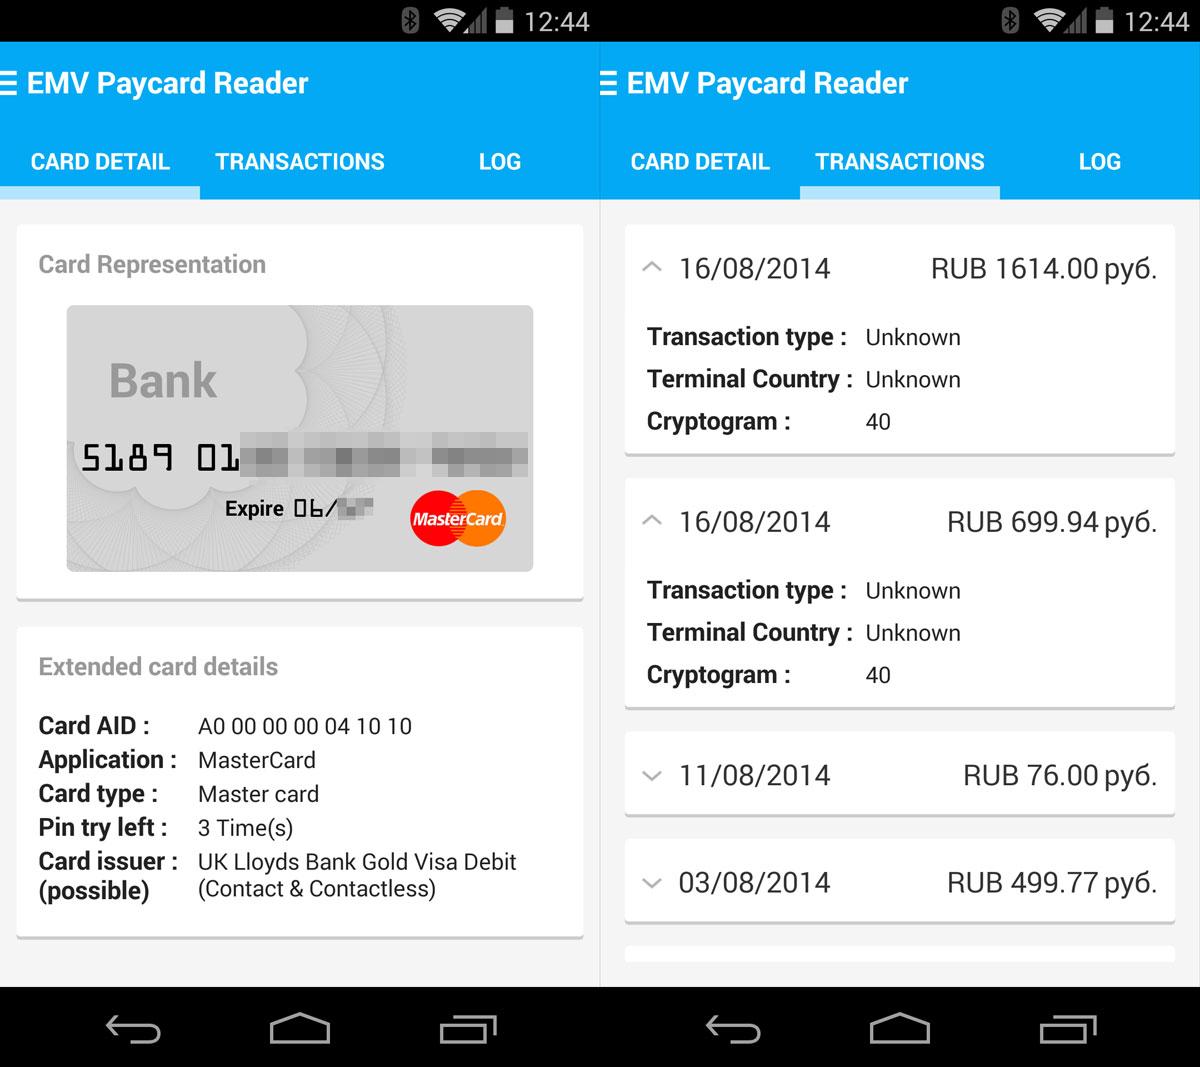 Приложение для Android позволяет читать список последних транзакций с банковских карт PayPass и payWave